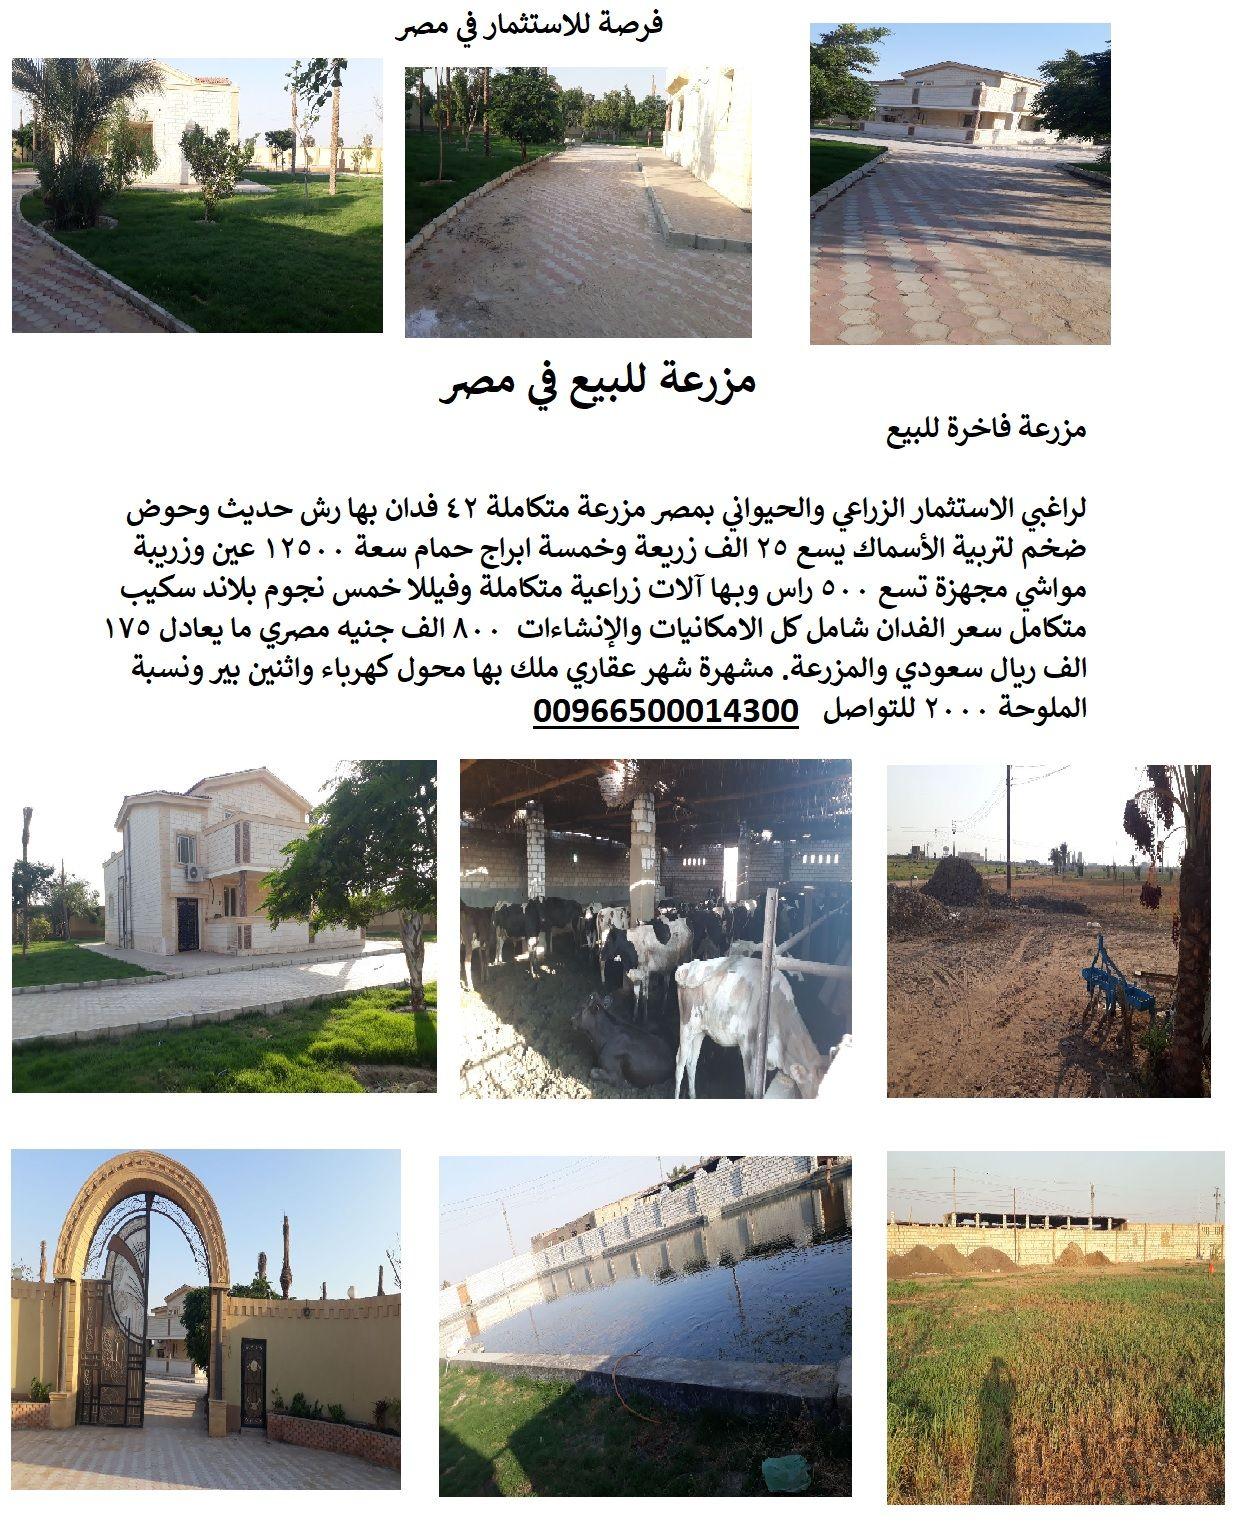 مزرعة للبيع في مصر 2018